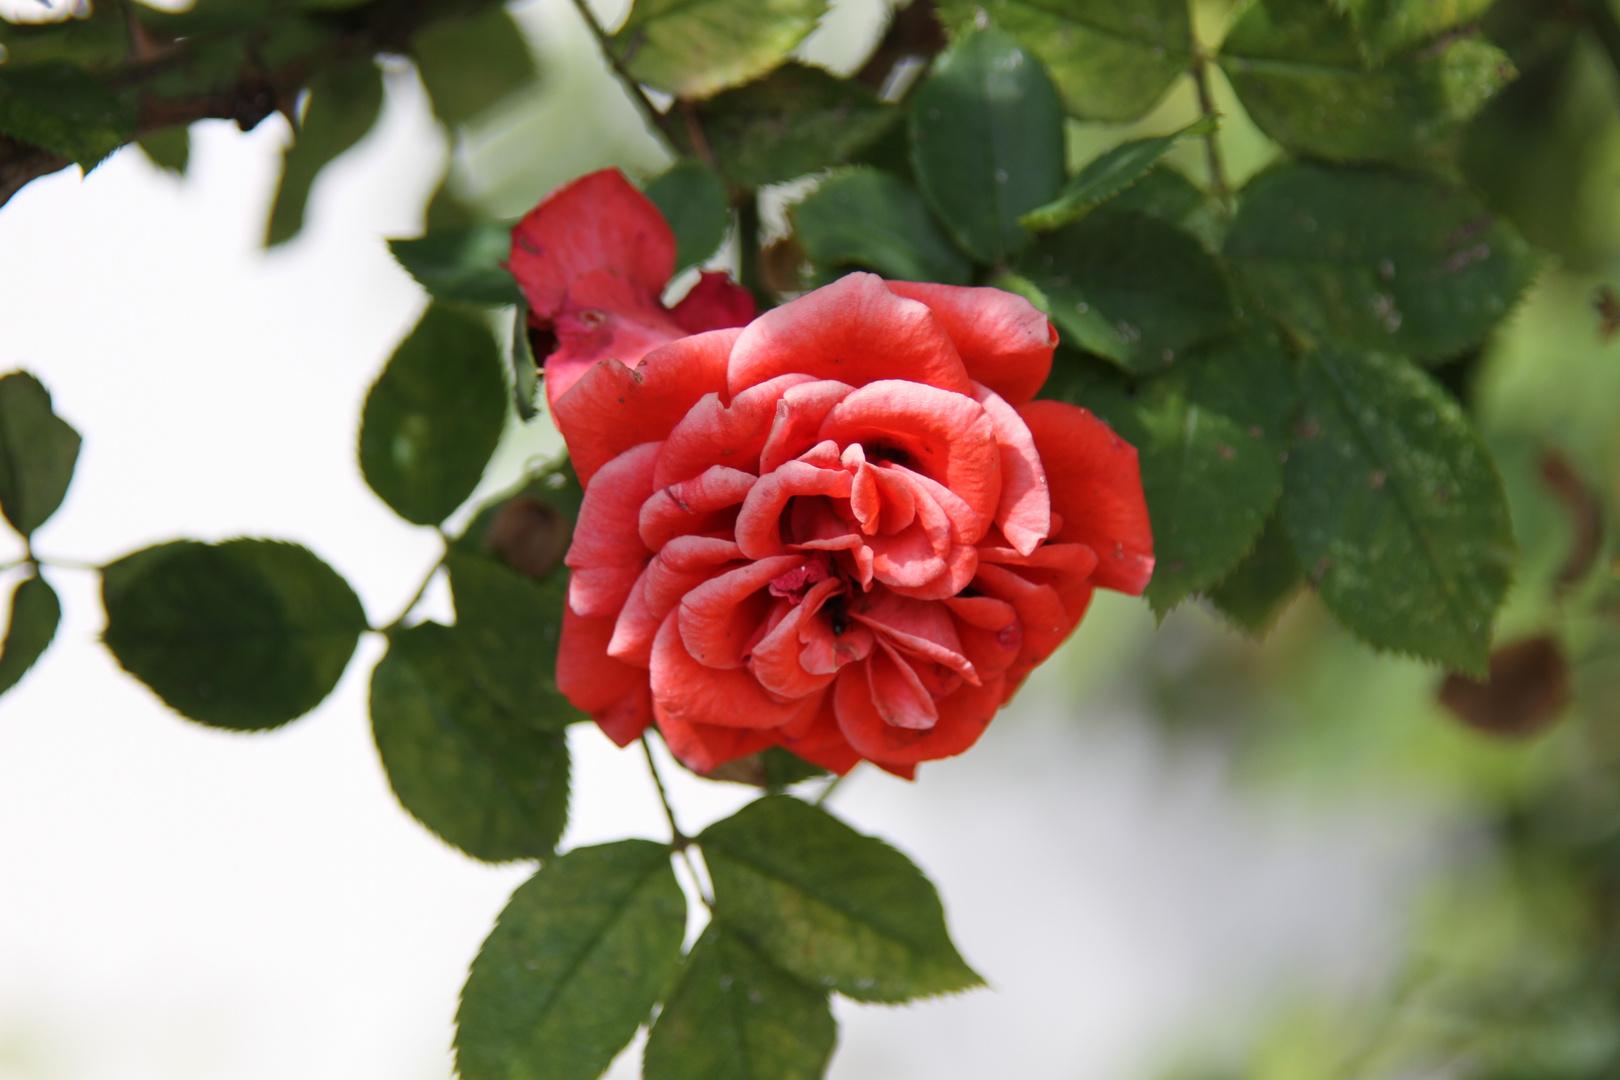 Die Rosen sind schon fast verblüht